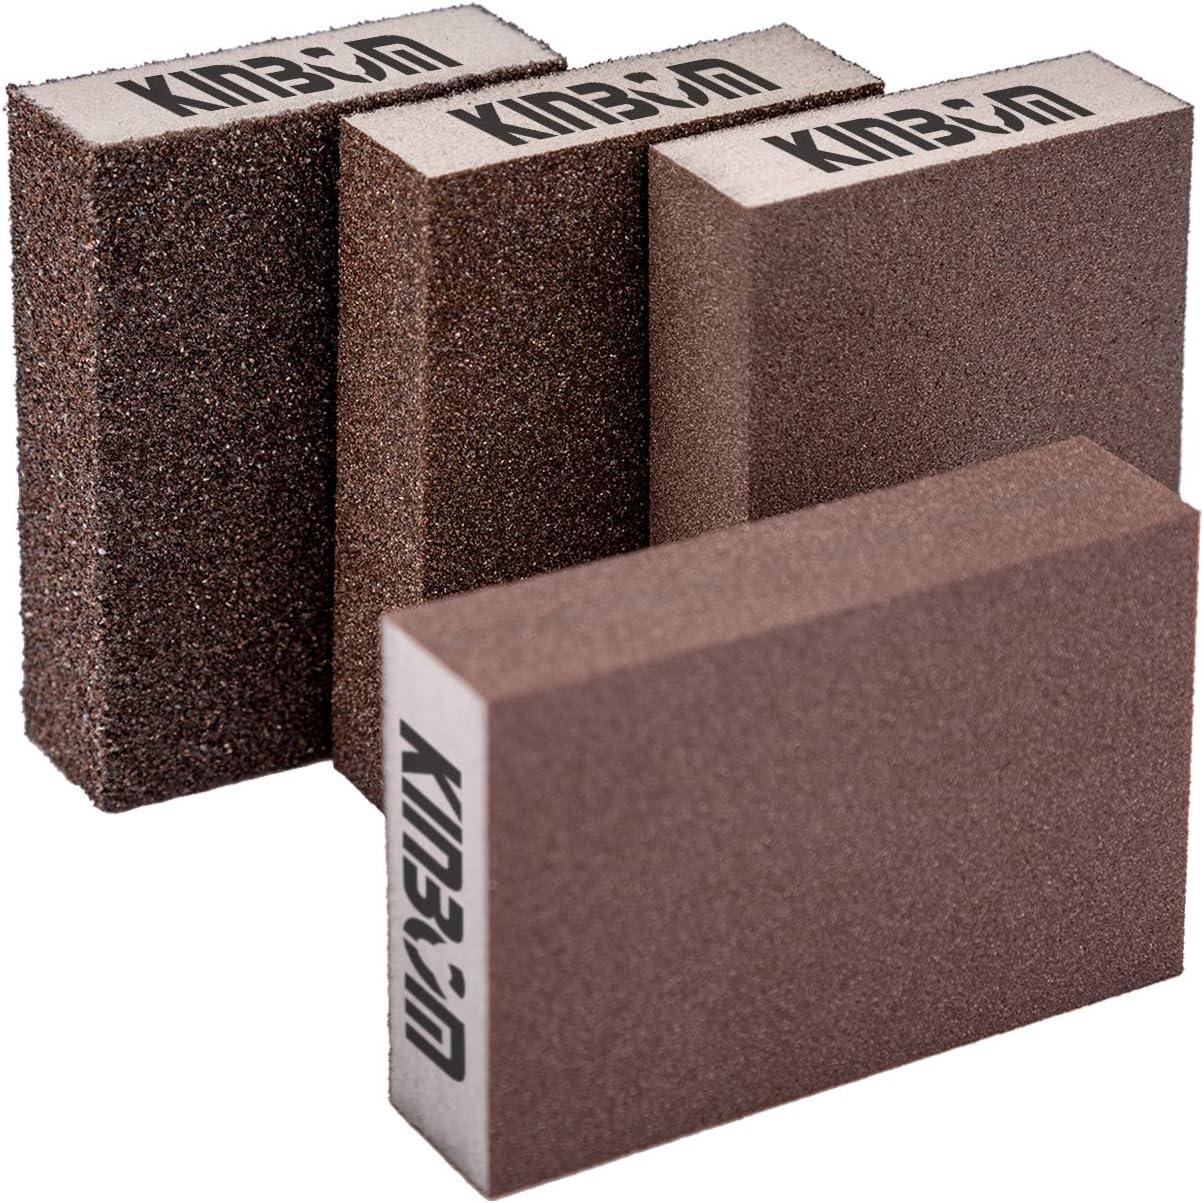 KINBOM - 4 esponjas de lijado en seco y húmedo (4 bloques: grueso/medio/fino/superfino)